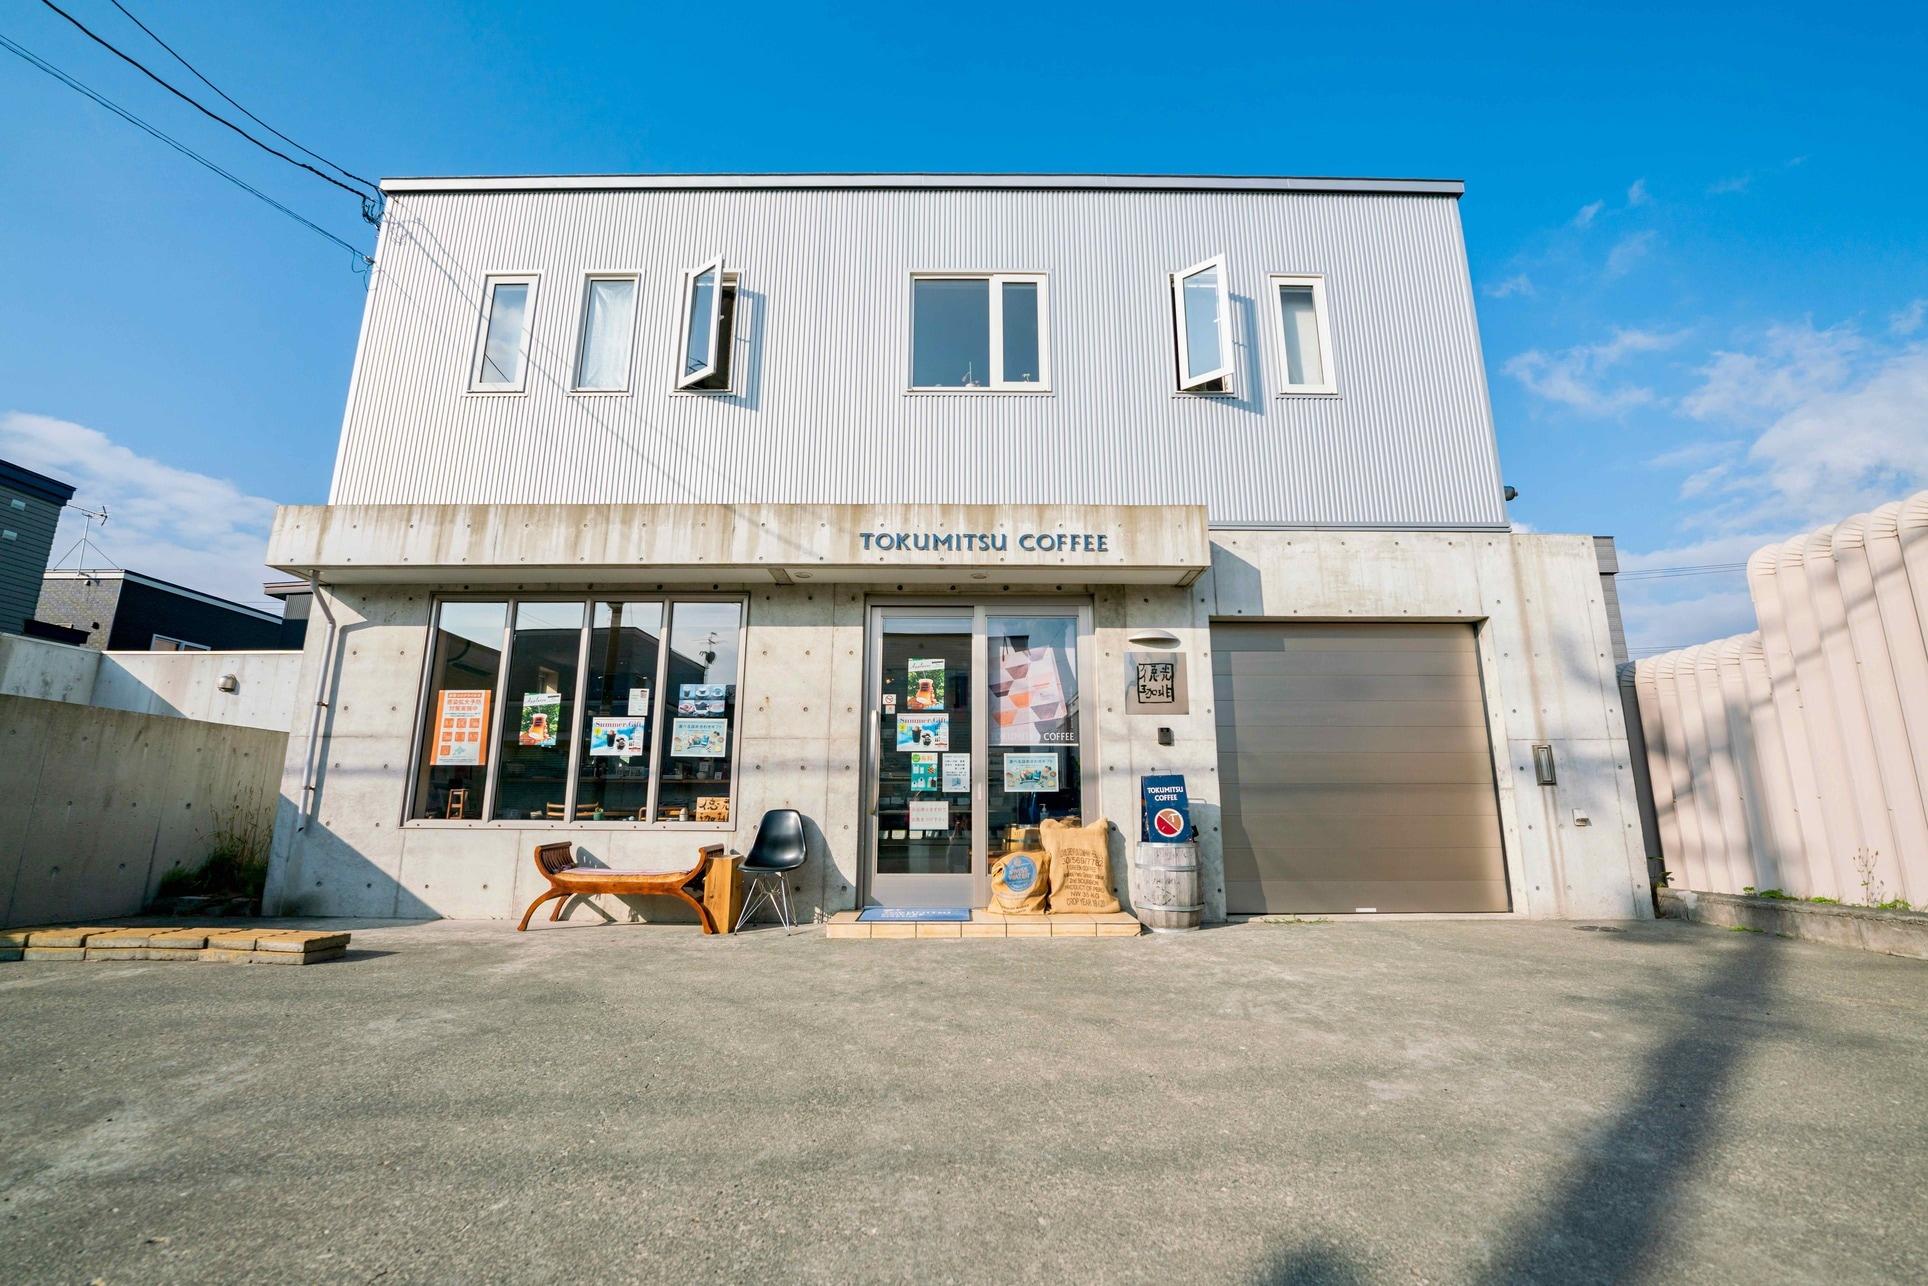 北海道石狩市の徳光珈琲本店、徳光コーヒー石狩本店